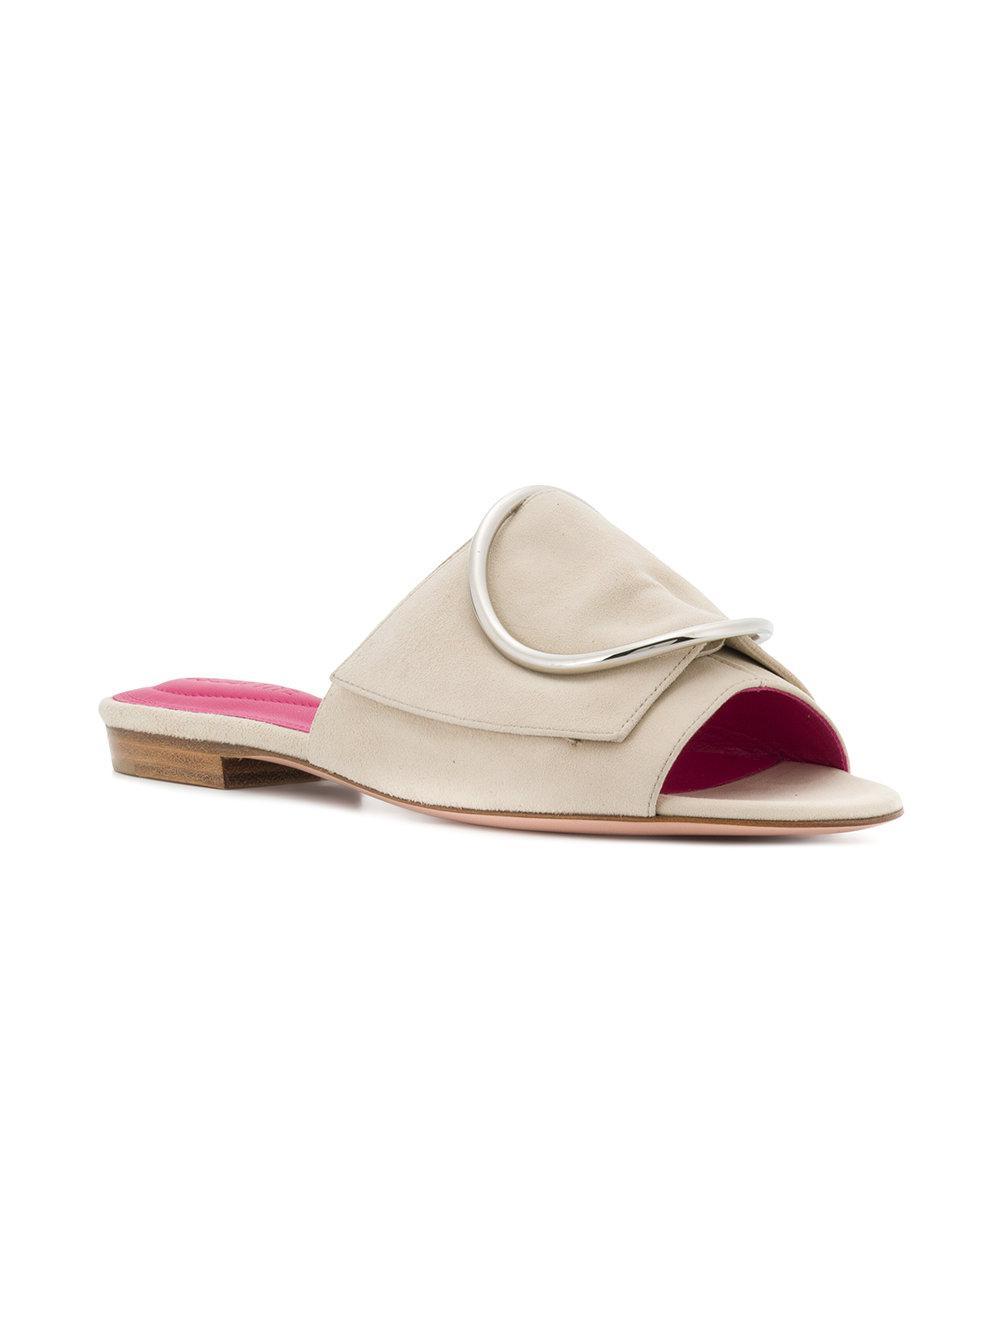 Oscar Tiye Sade sandals - Nude & Neutrals farfetch Asombroso Tienda De Descuento Aclaramiento Mejor Tienda A Comprar Venta Más Reciente Comprar Barato Éxito De Ventas zMrkgeT